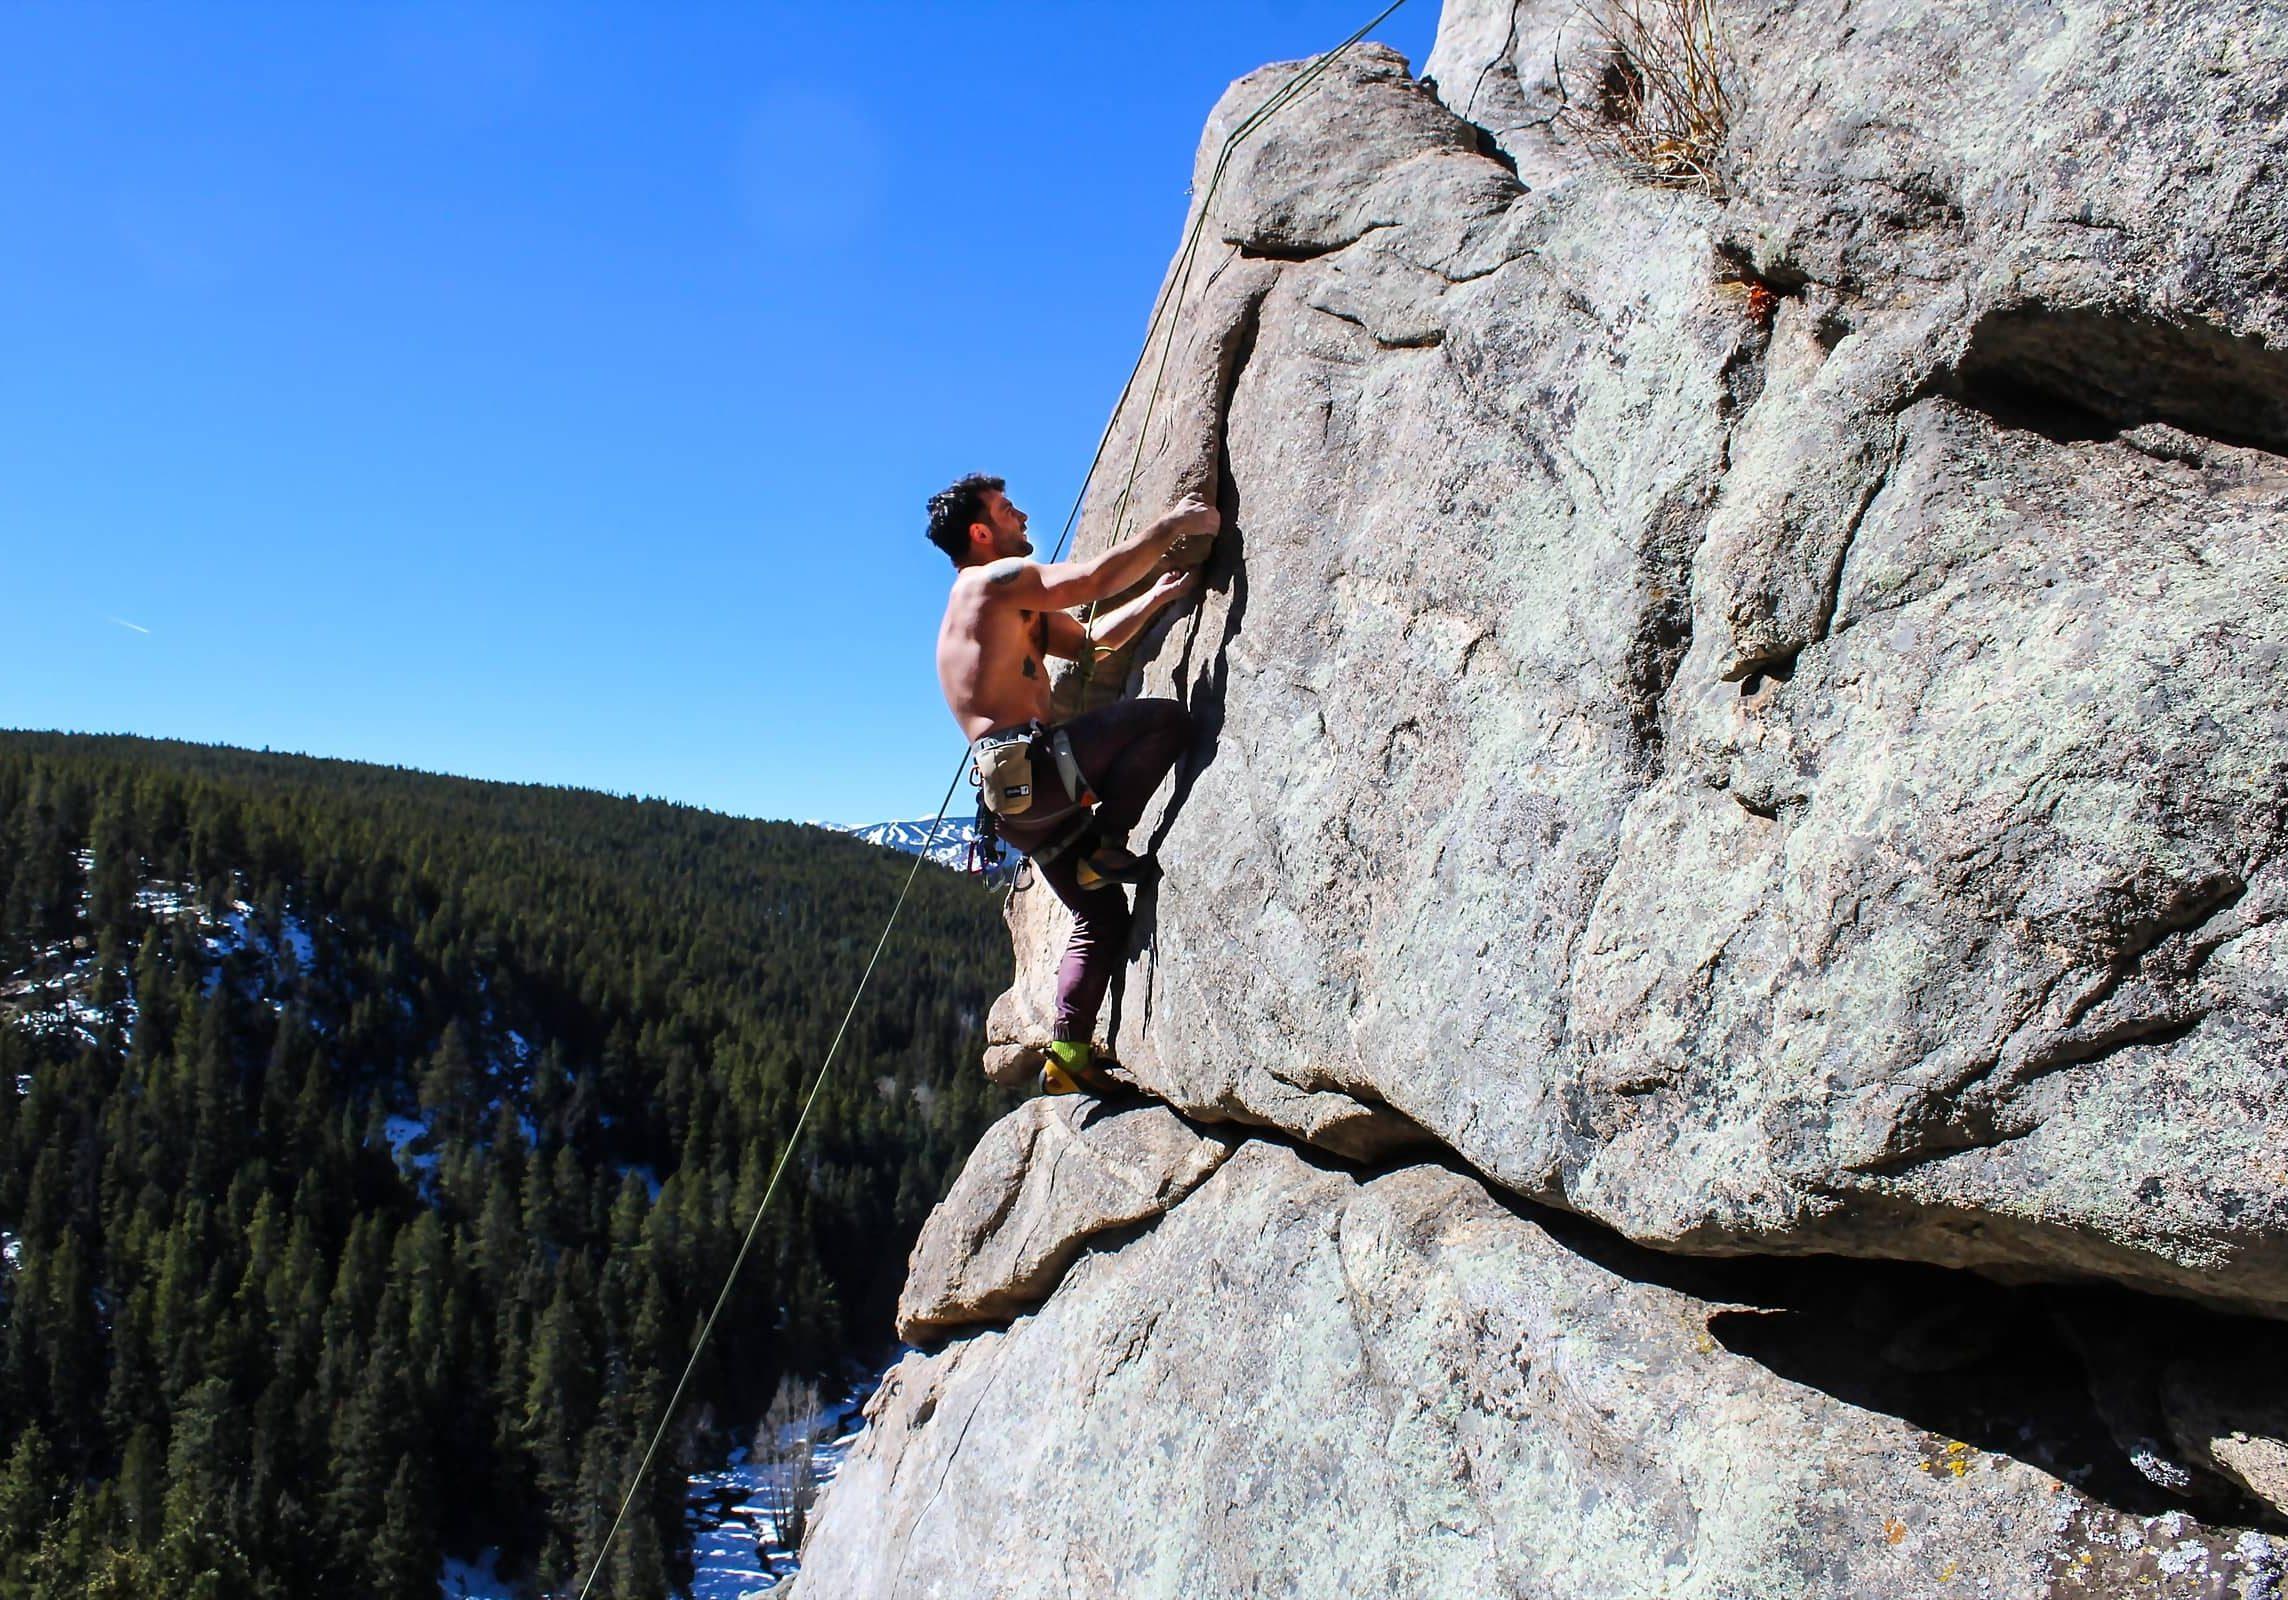 steeger-flechtmaschinen-climber-header-image